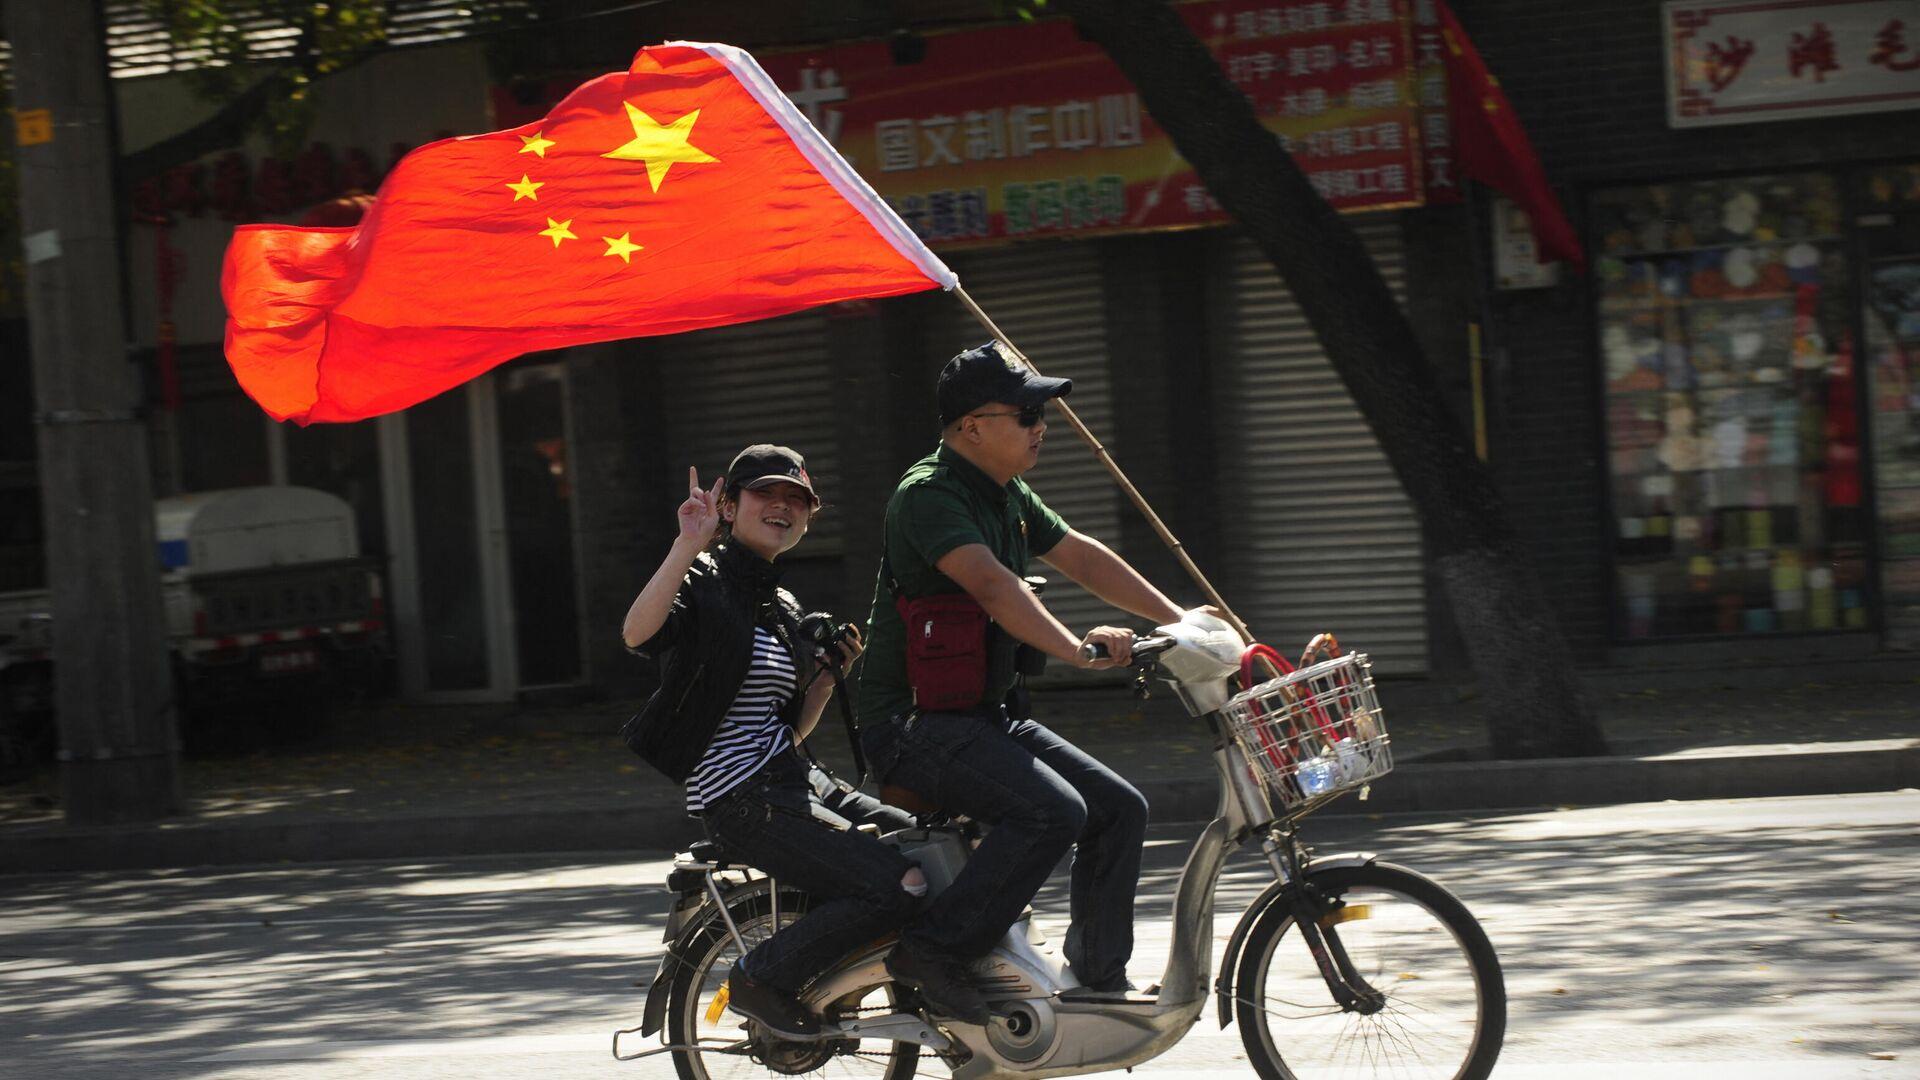 Люди отмечают 60-летие коммунистической партии Китая, Пекин  - РИА Новости, 1920, 10.09.2021